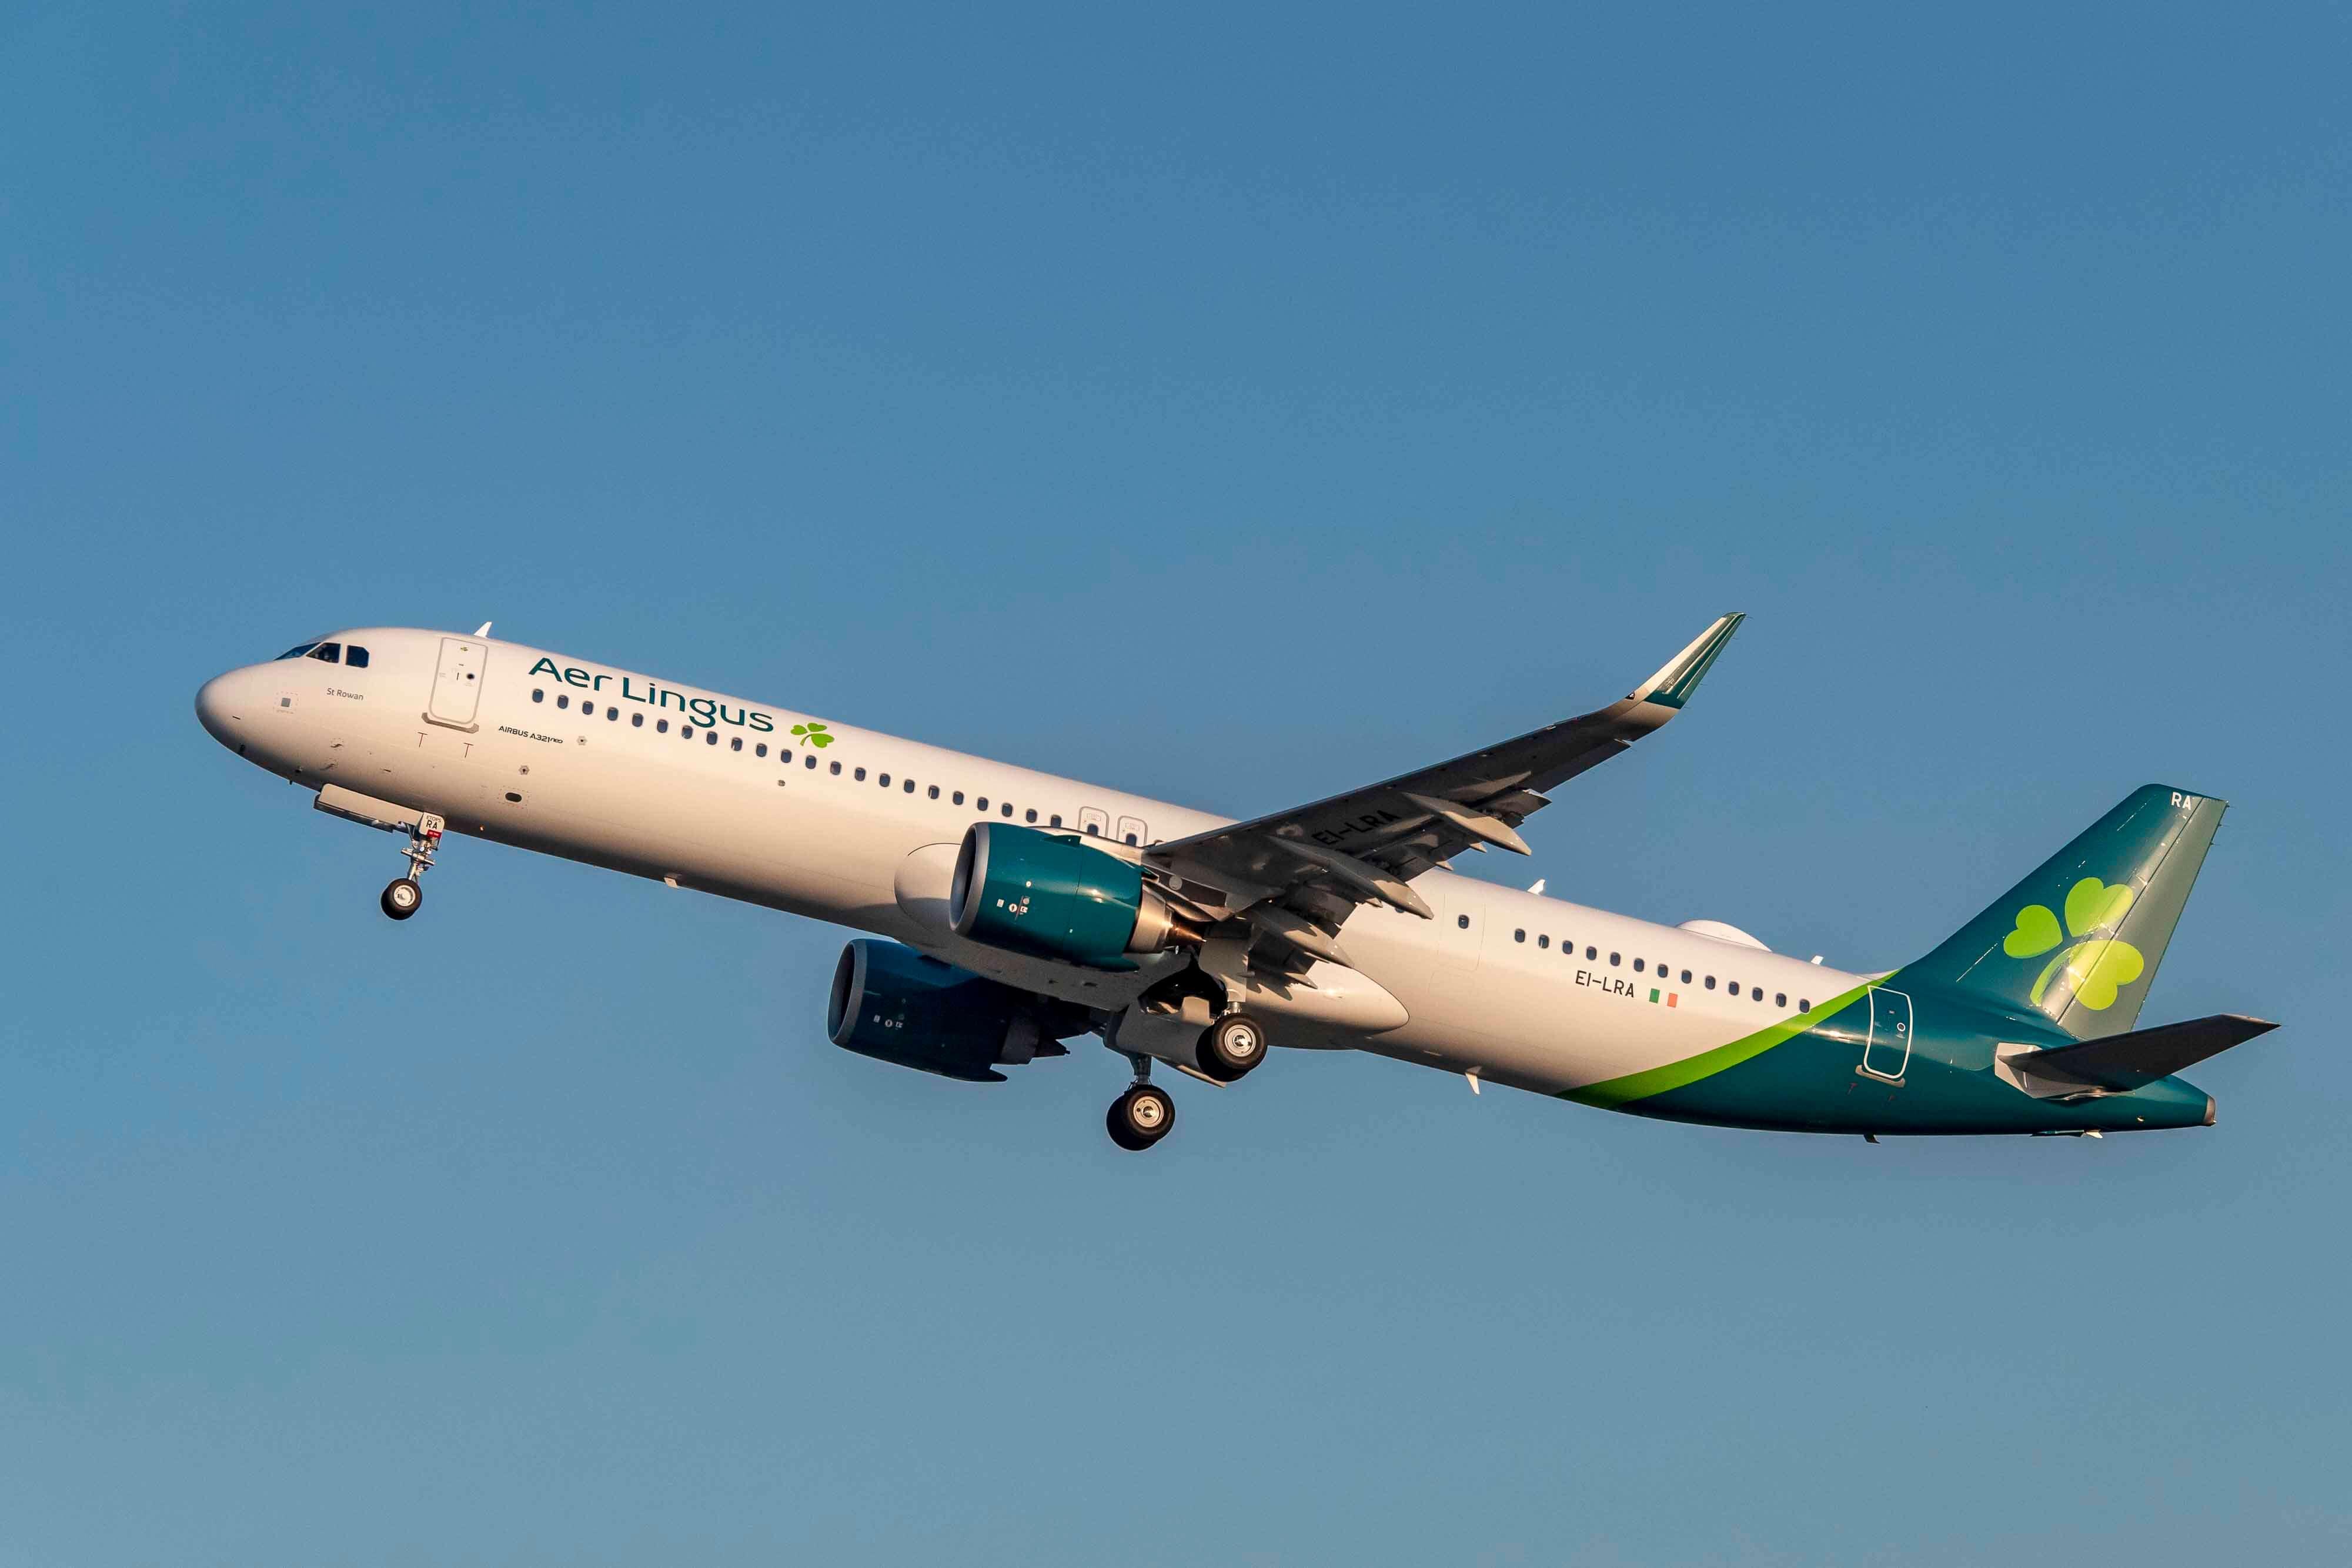 Aer Lingus iwwerhëlt seng éischt Airbus A321LR